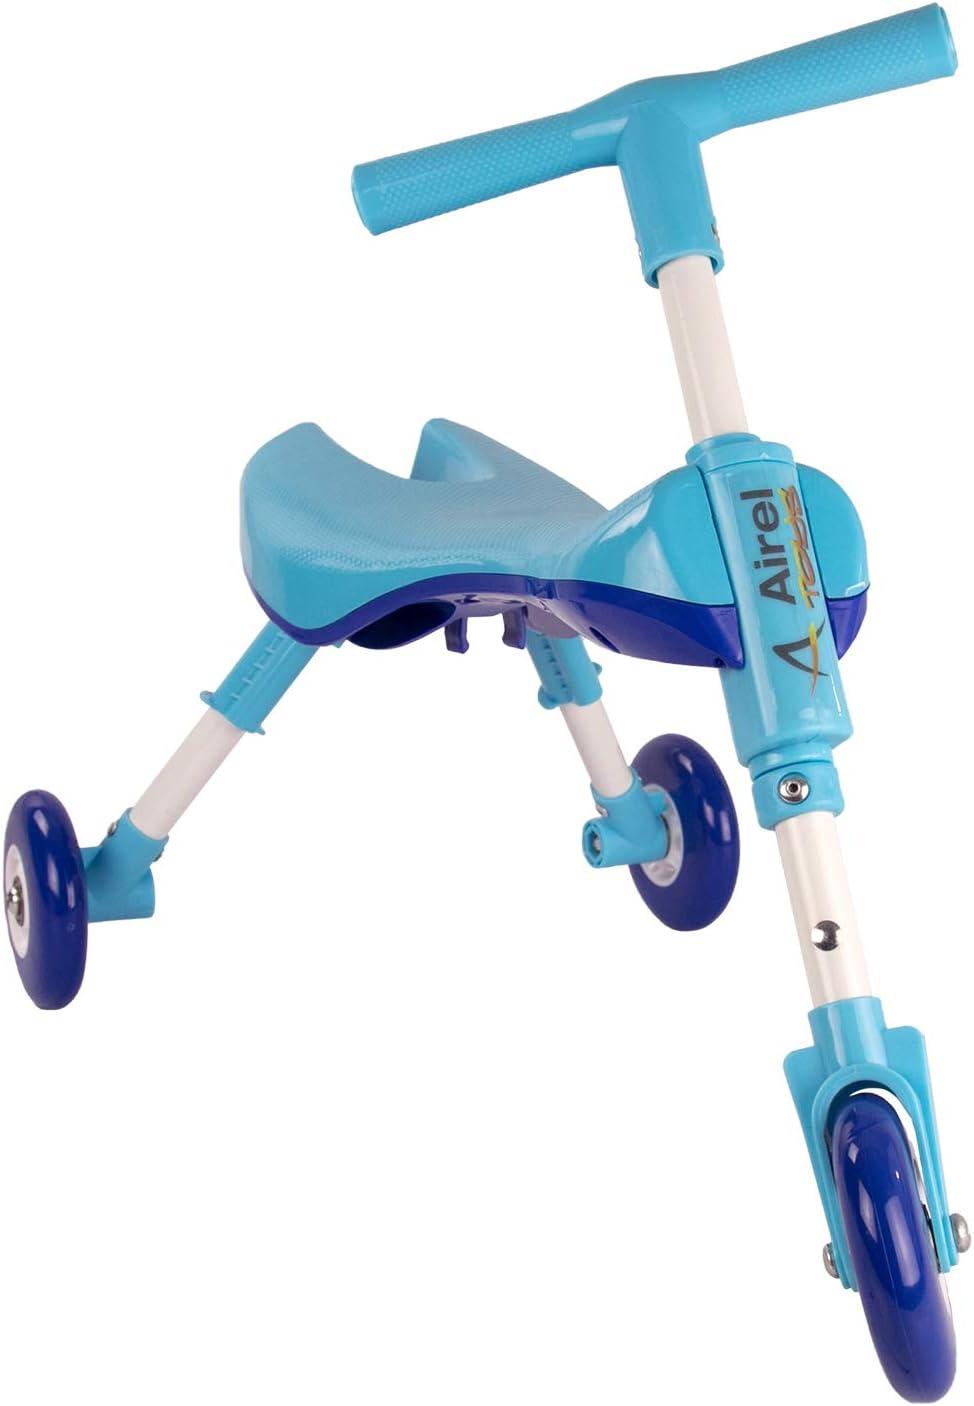 Airel Correpasillos Bebé Plegable | Triciclo Sin Pedales Infantil | De 1 a 3 años, Niños, Celeste, Talla Única